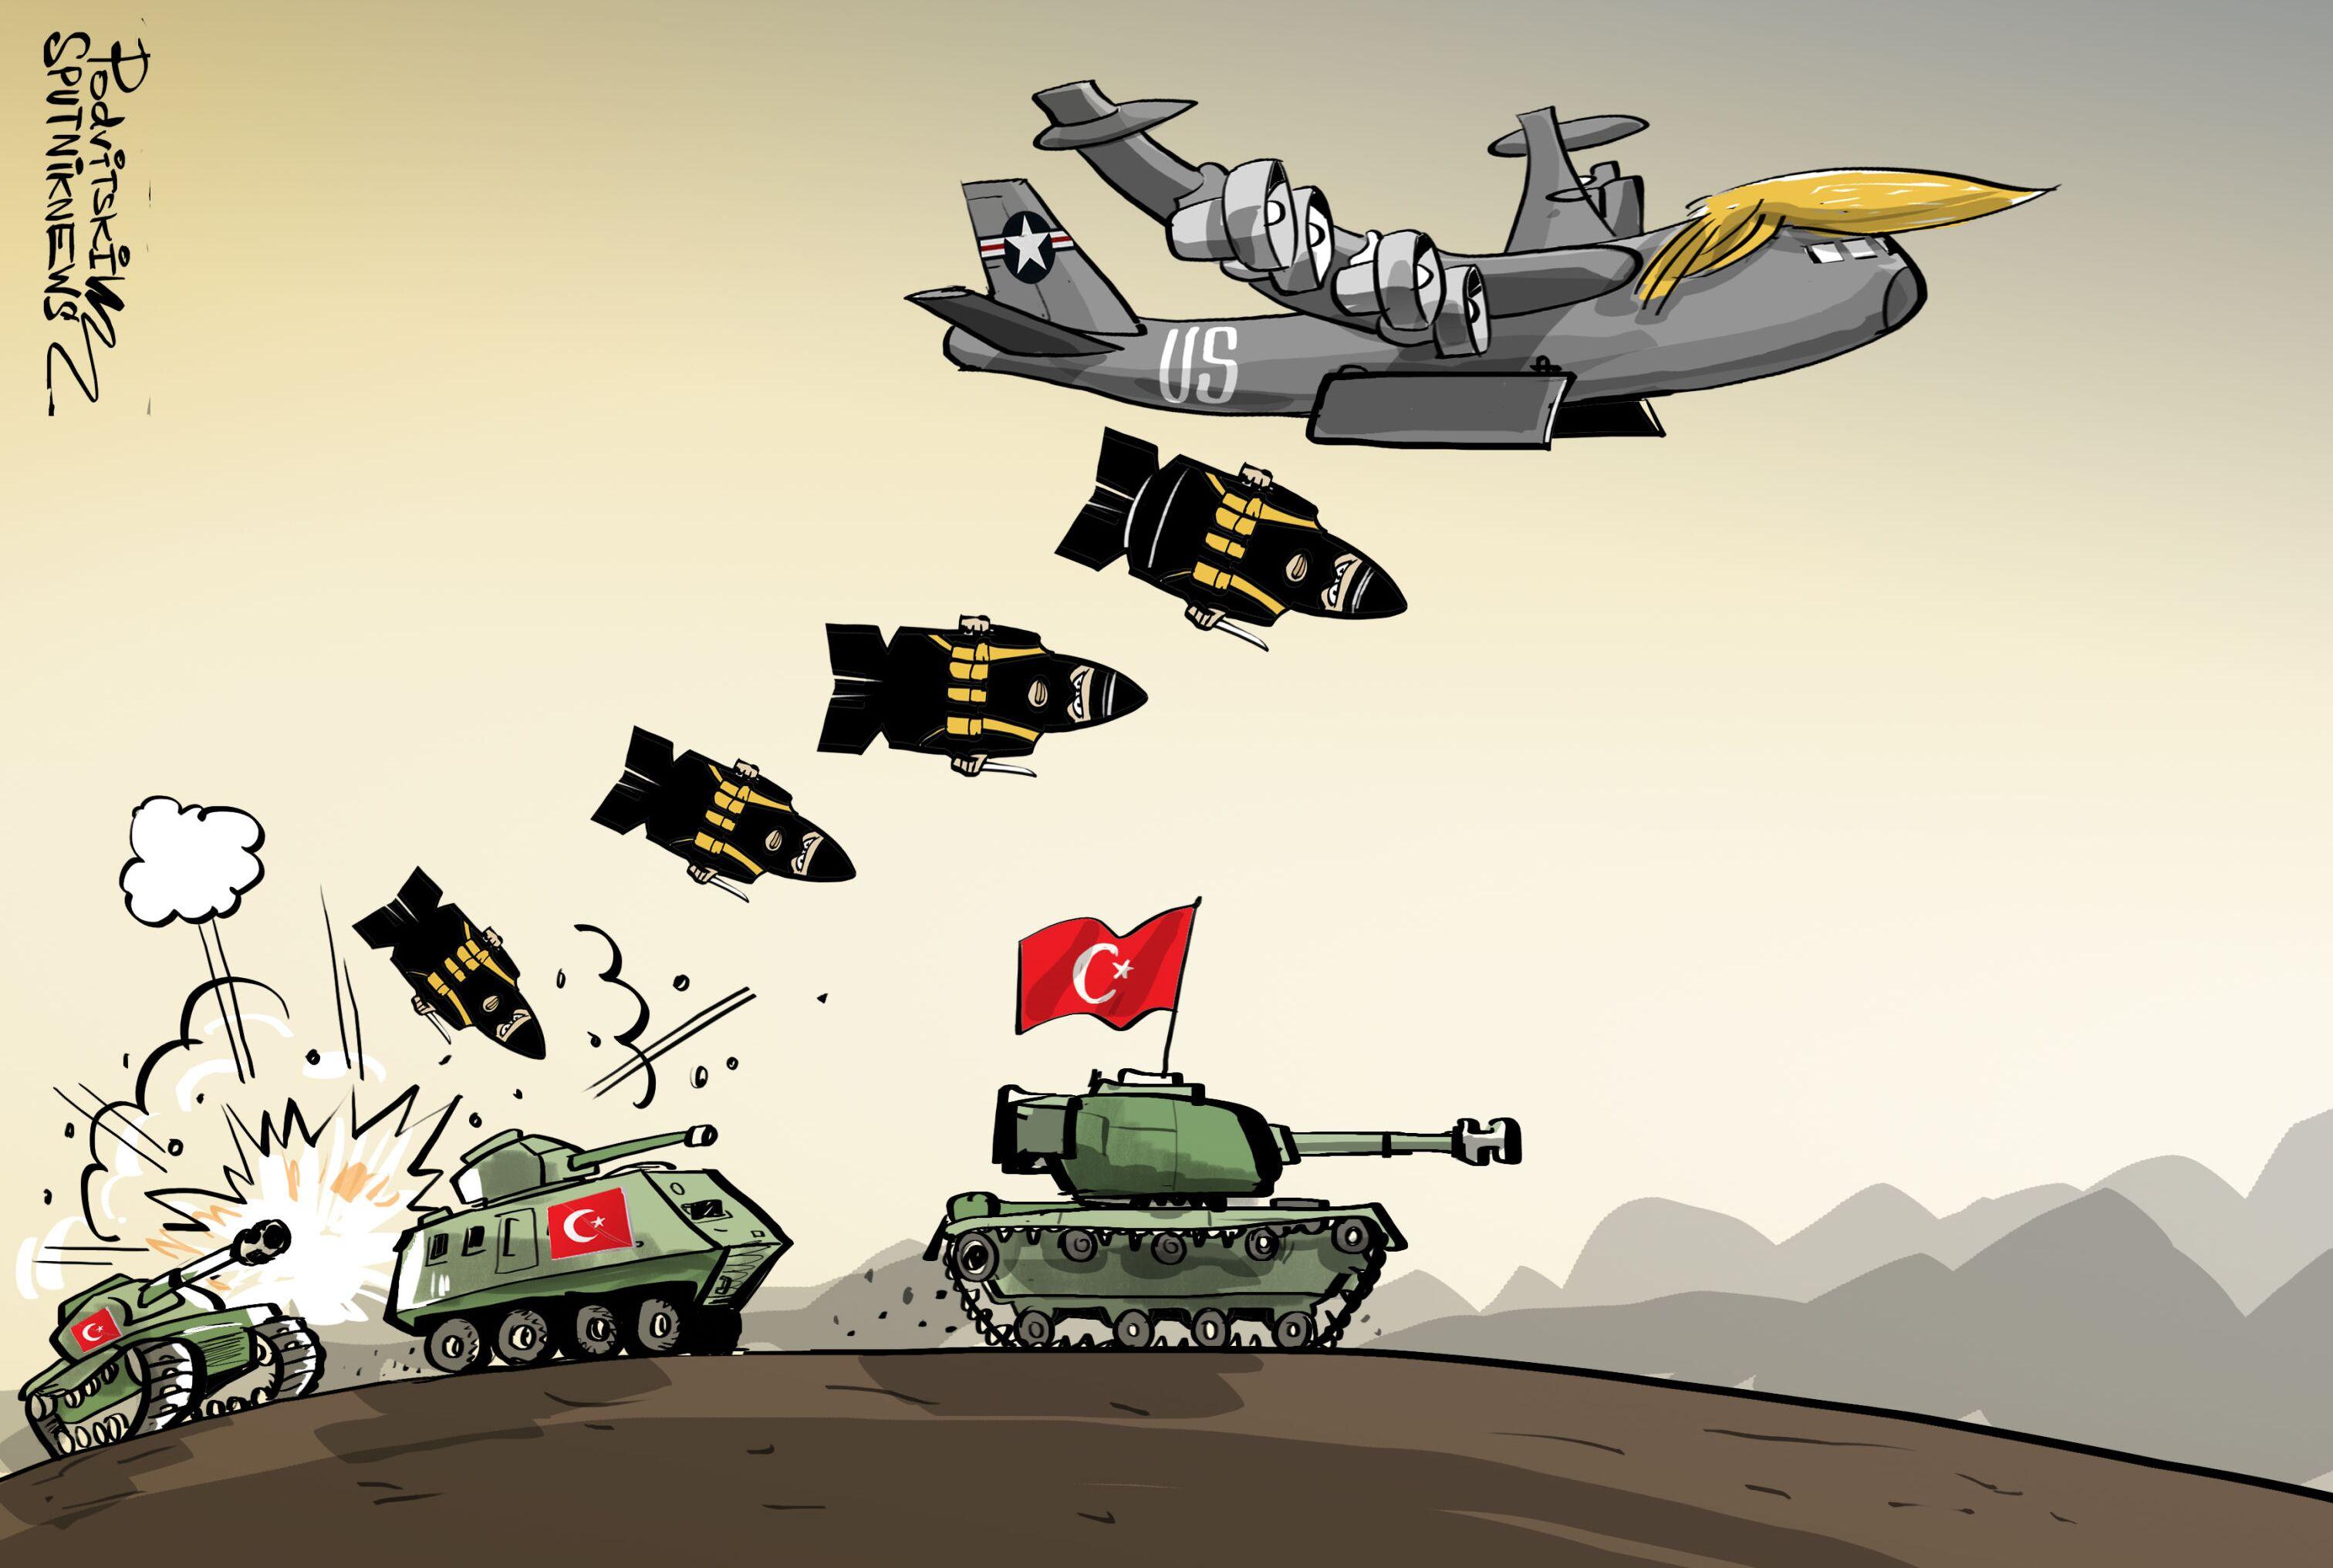 بعد انطلاق نبع السلام... أول تعليق لترامب على العملية